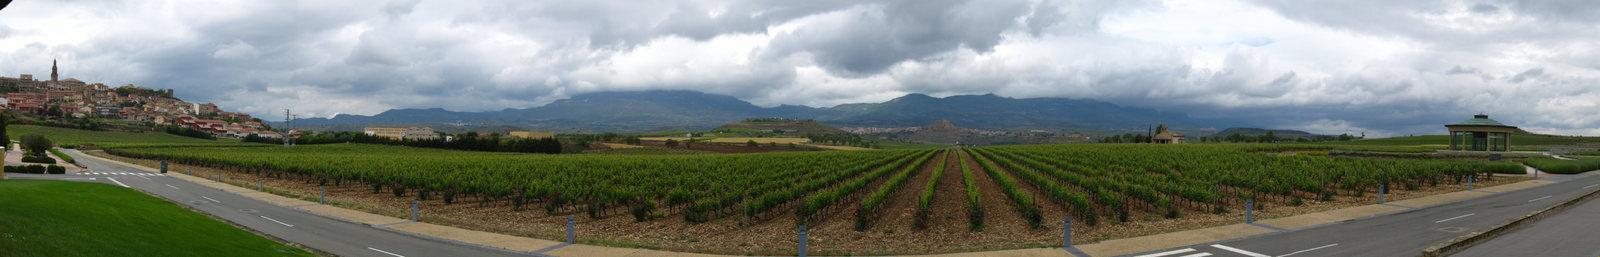 Briones y San Vicente de la Sonsierra